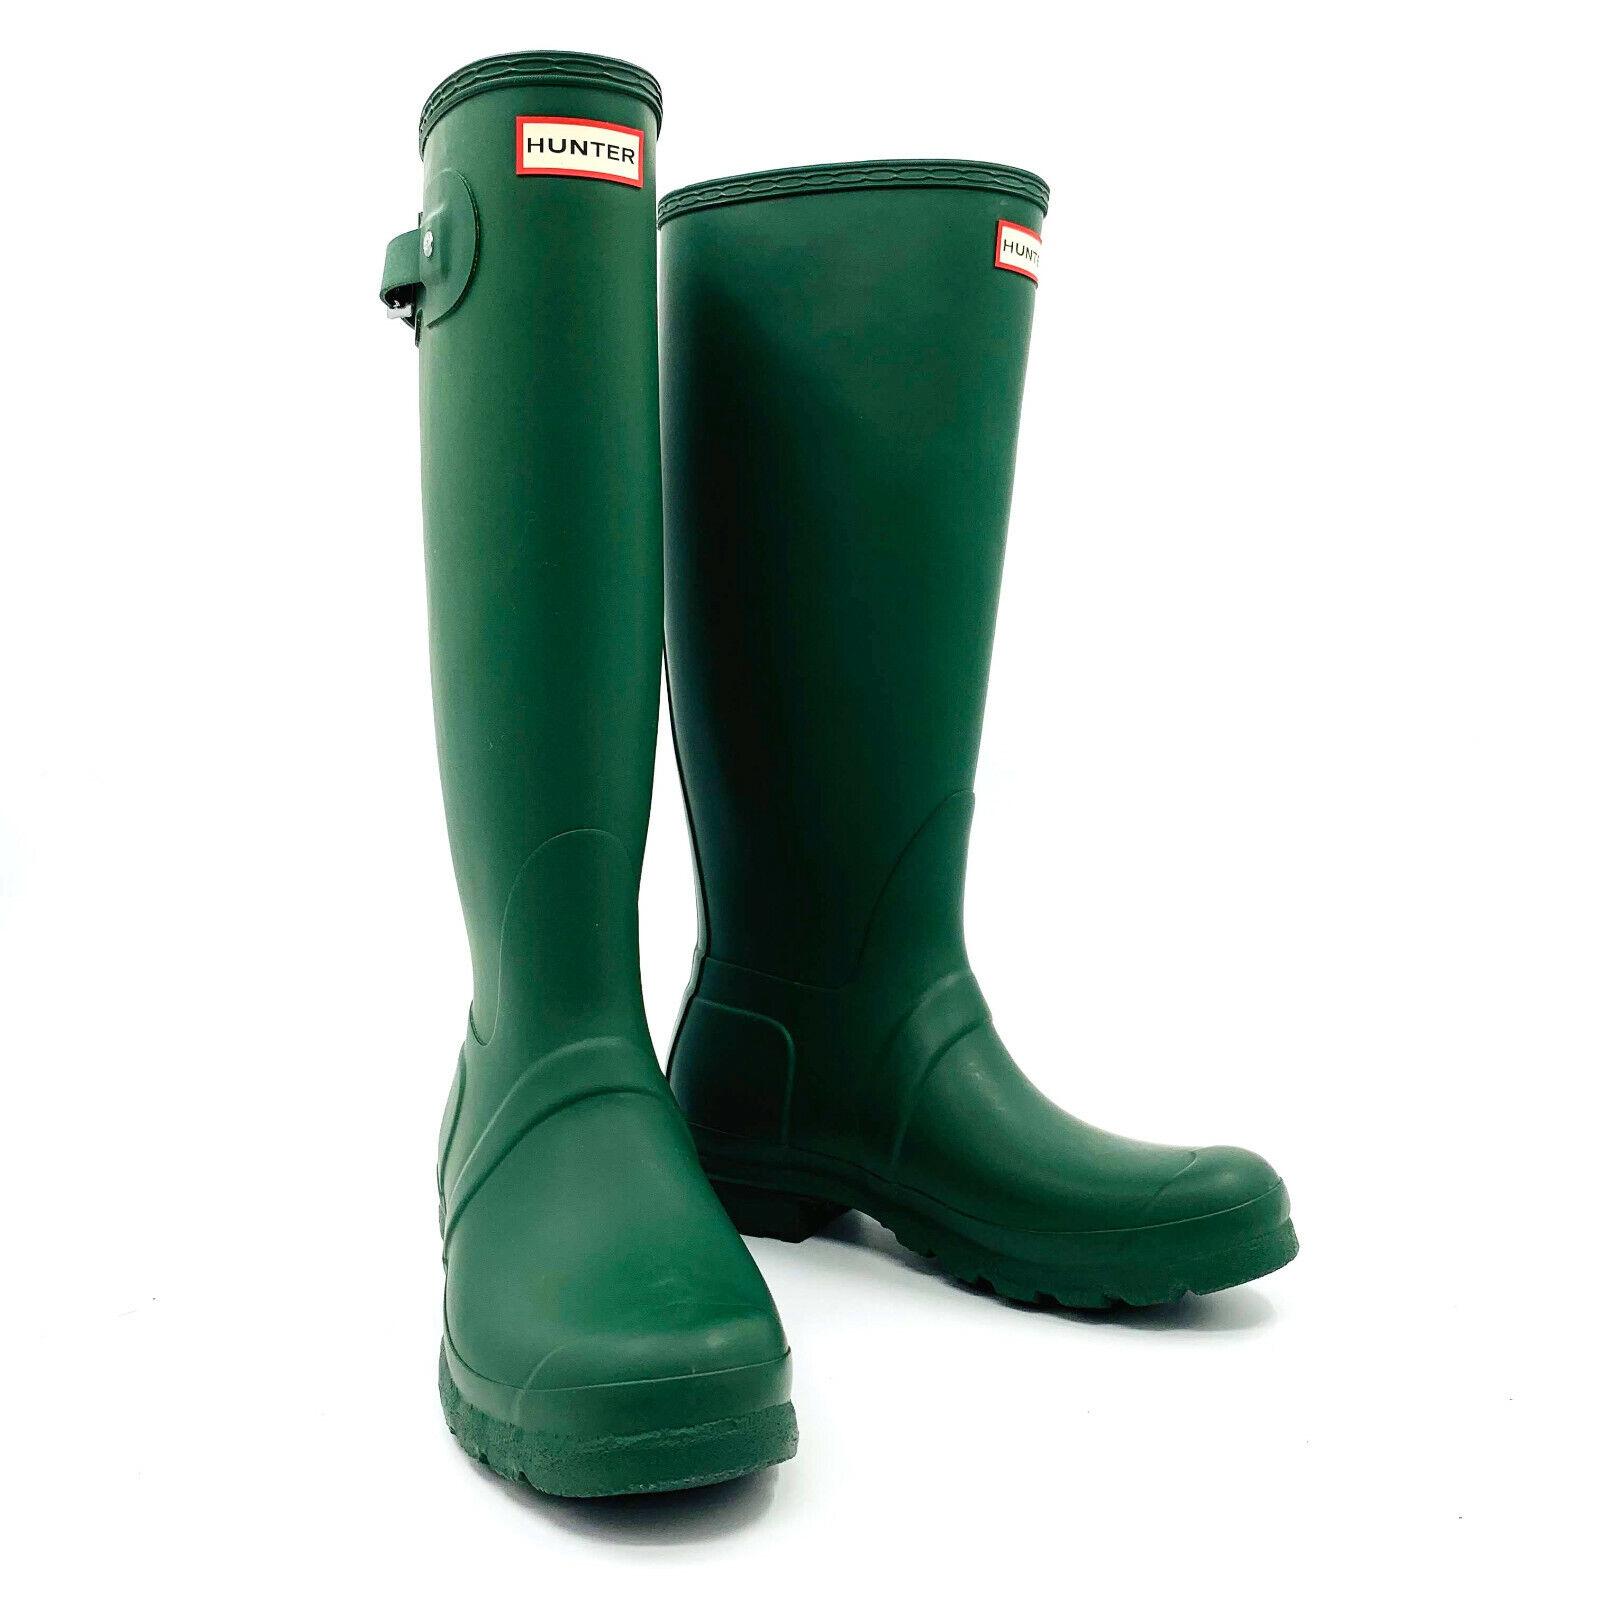 Hunter Original Tall Matte Green Rainboots Womens Size 9